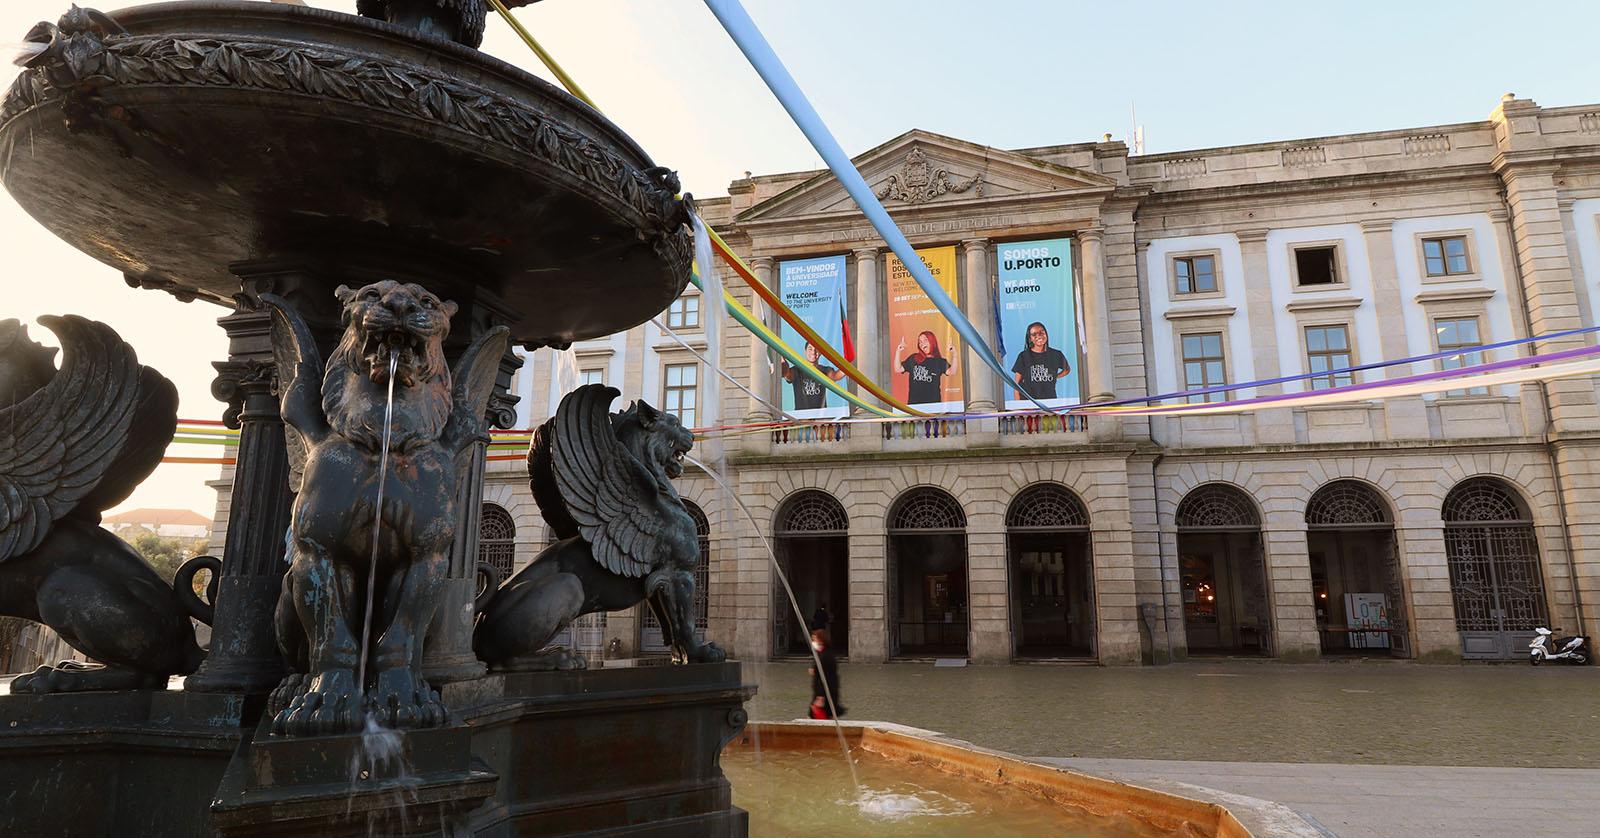 U.Porto veste-se de gala para receber novos estudantes